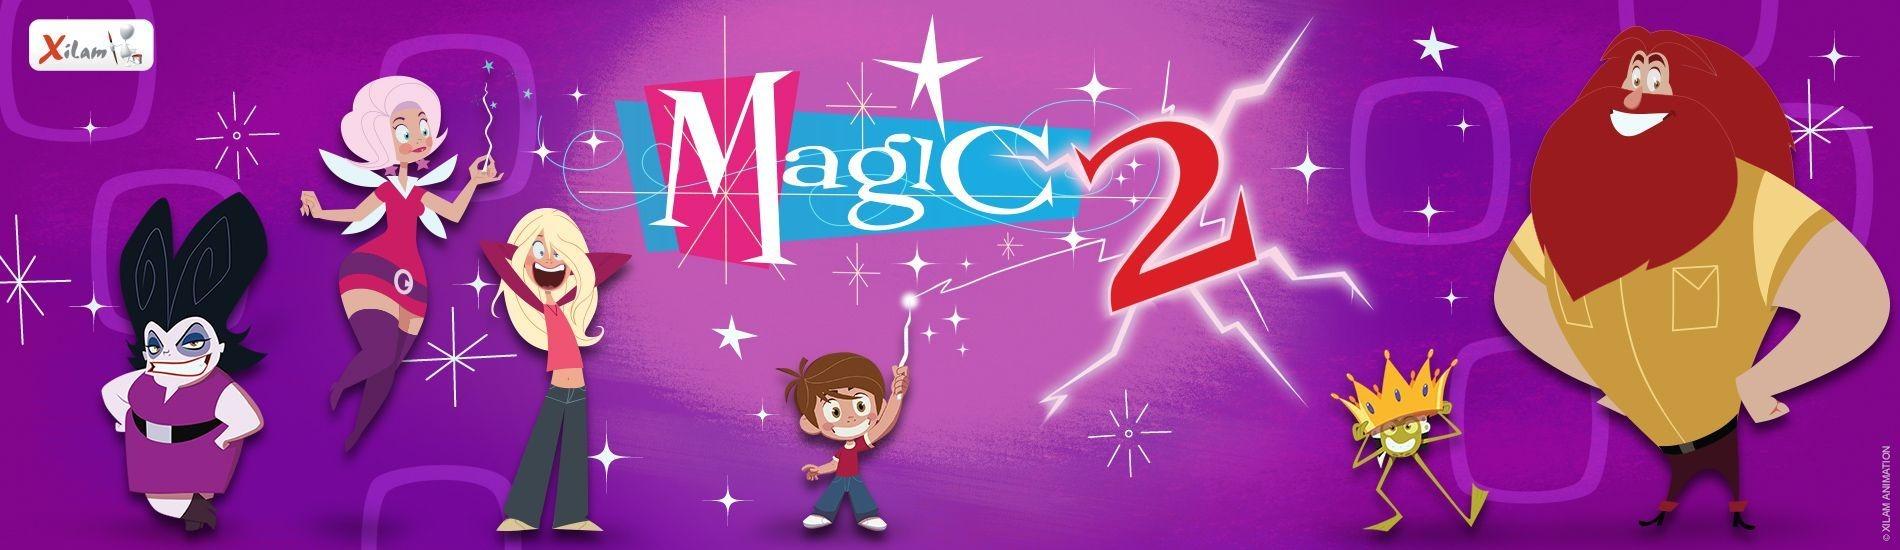 Coloriage Famille Magique.Magic